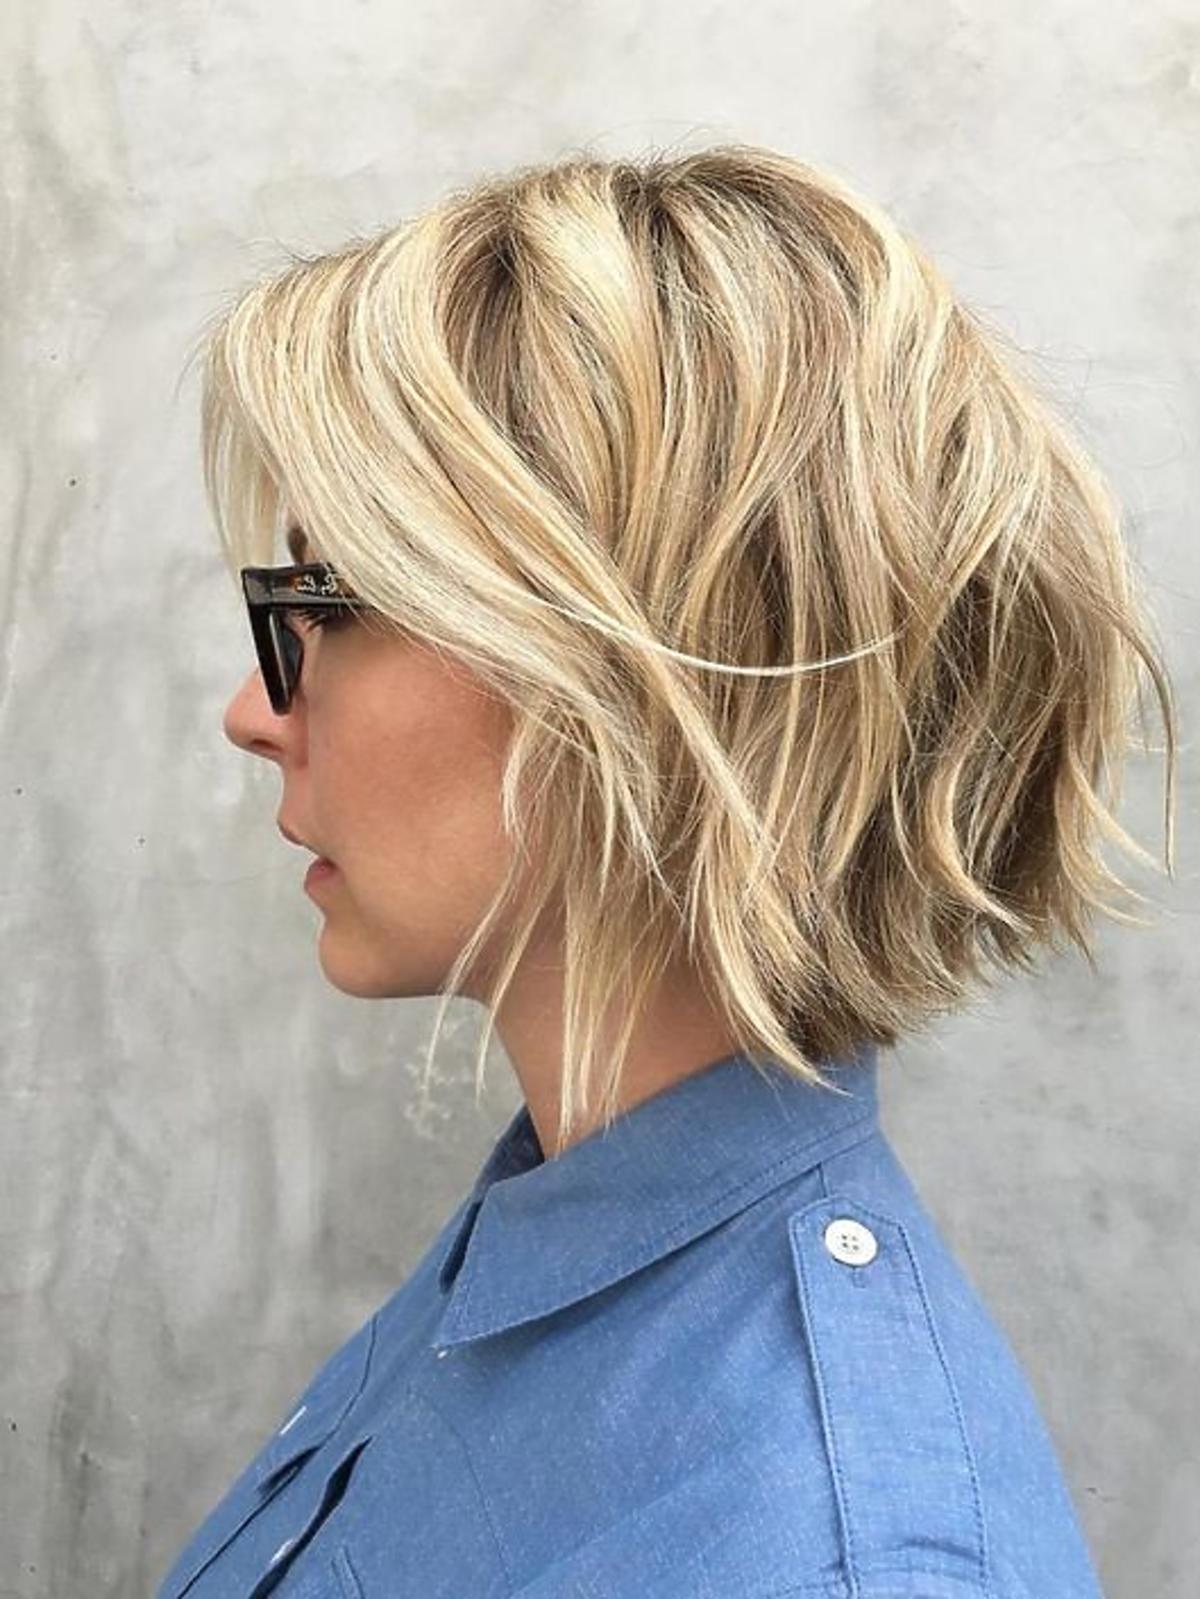 Modne fryzury - shaggy bob na blond włosach